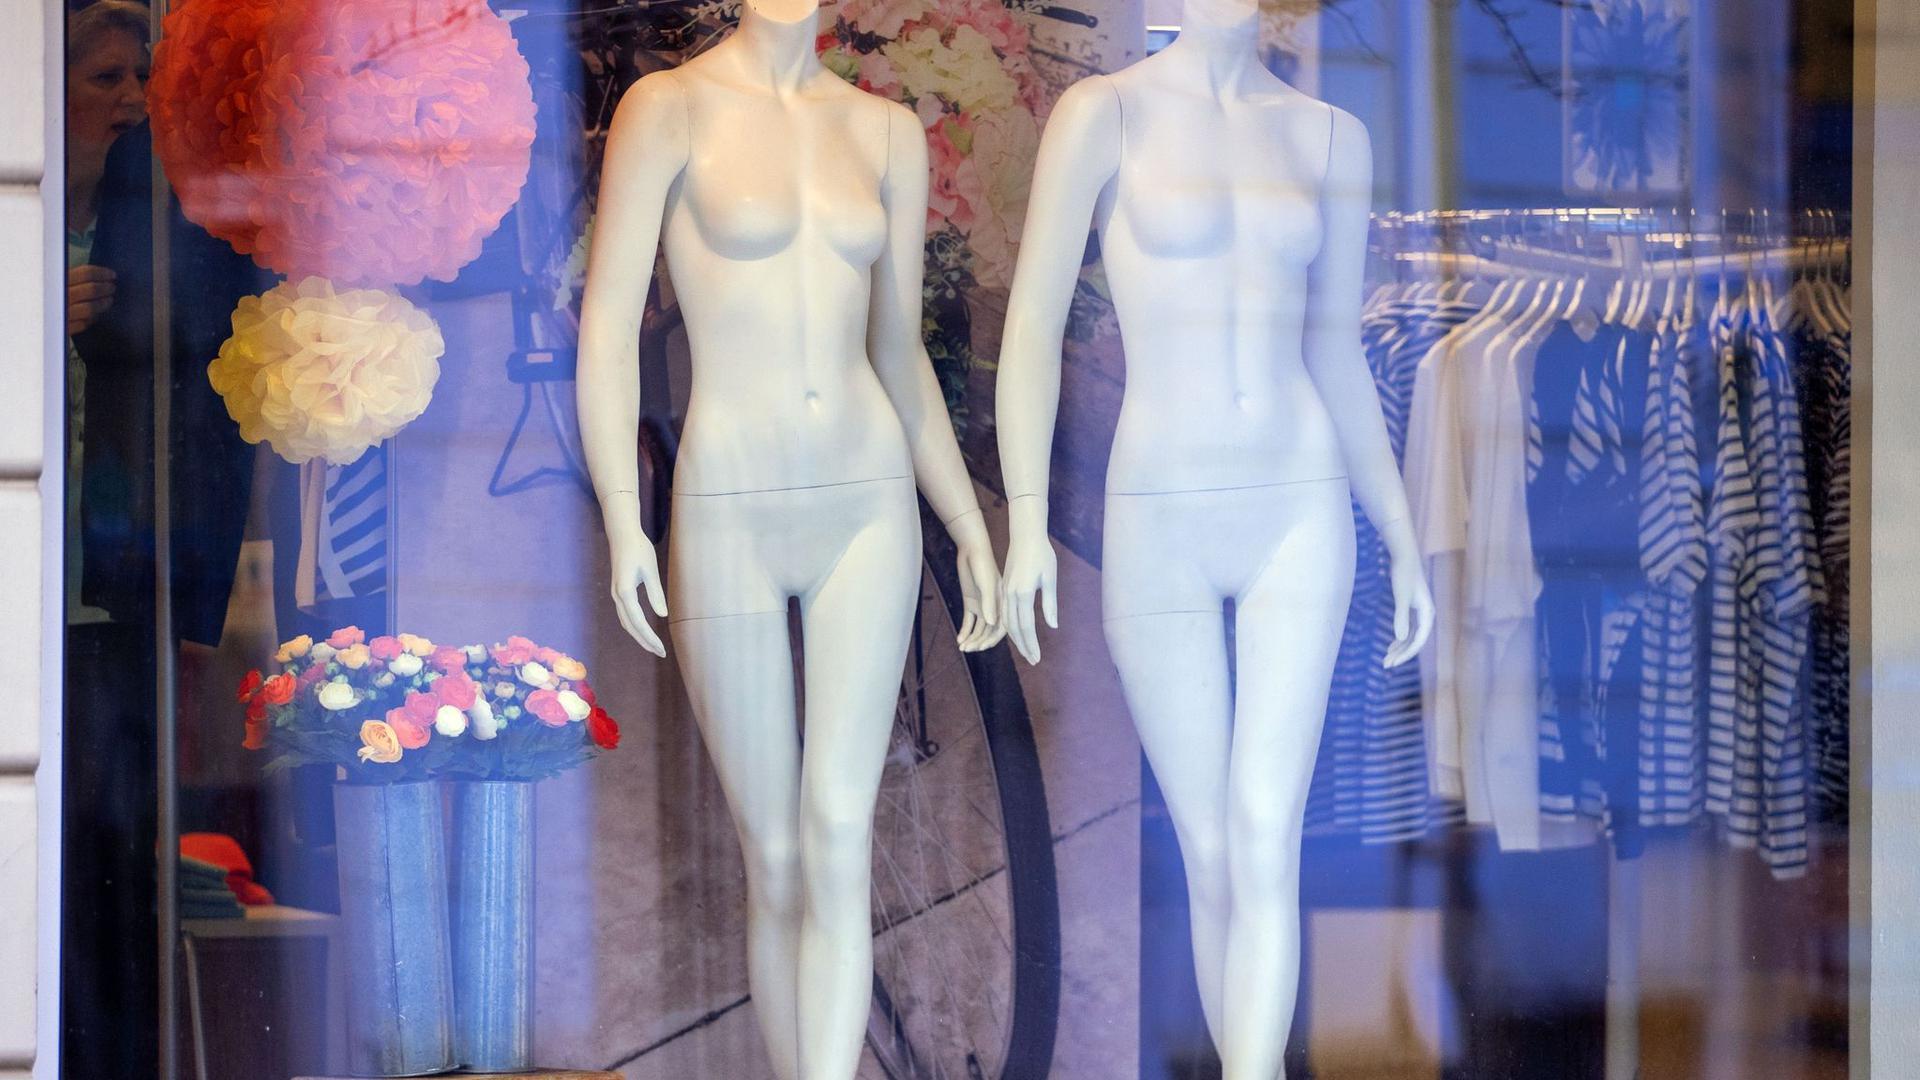 Der Lockdown hat den stationären Modehandel stark getroffen. Nun sieht er sich wieder im Aufwind.